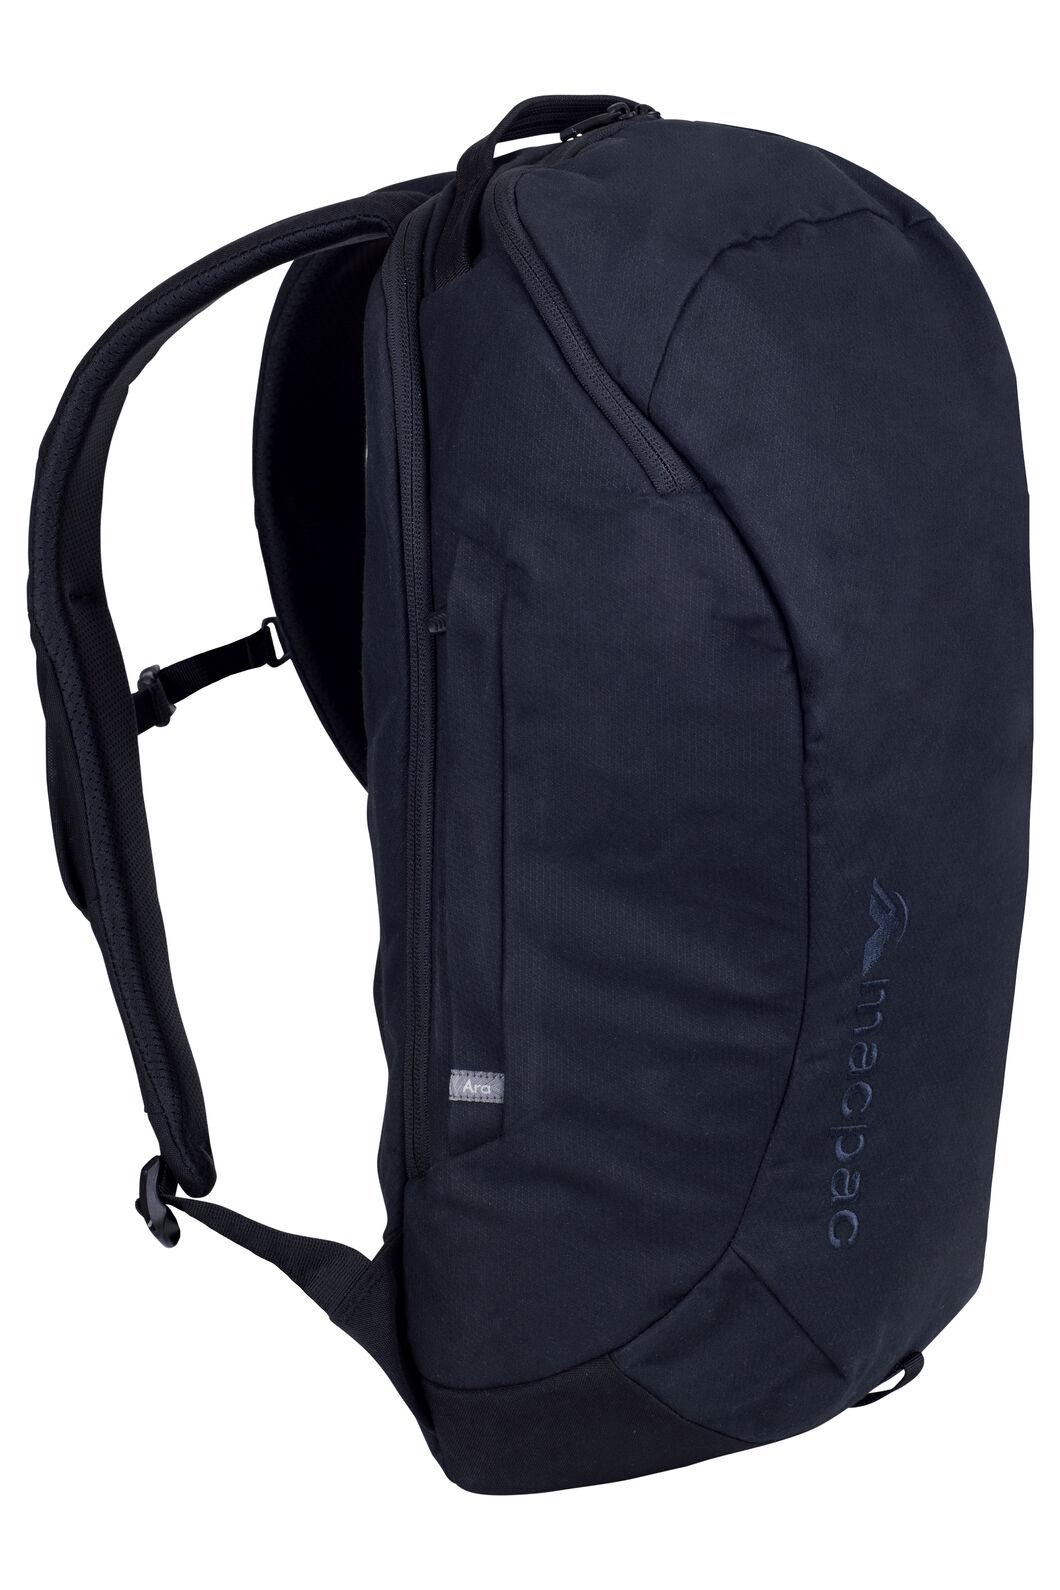 Ara 19L AzTec® Backpack, Black, hi-res